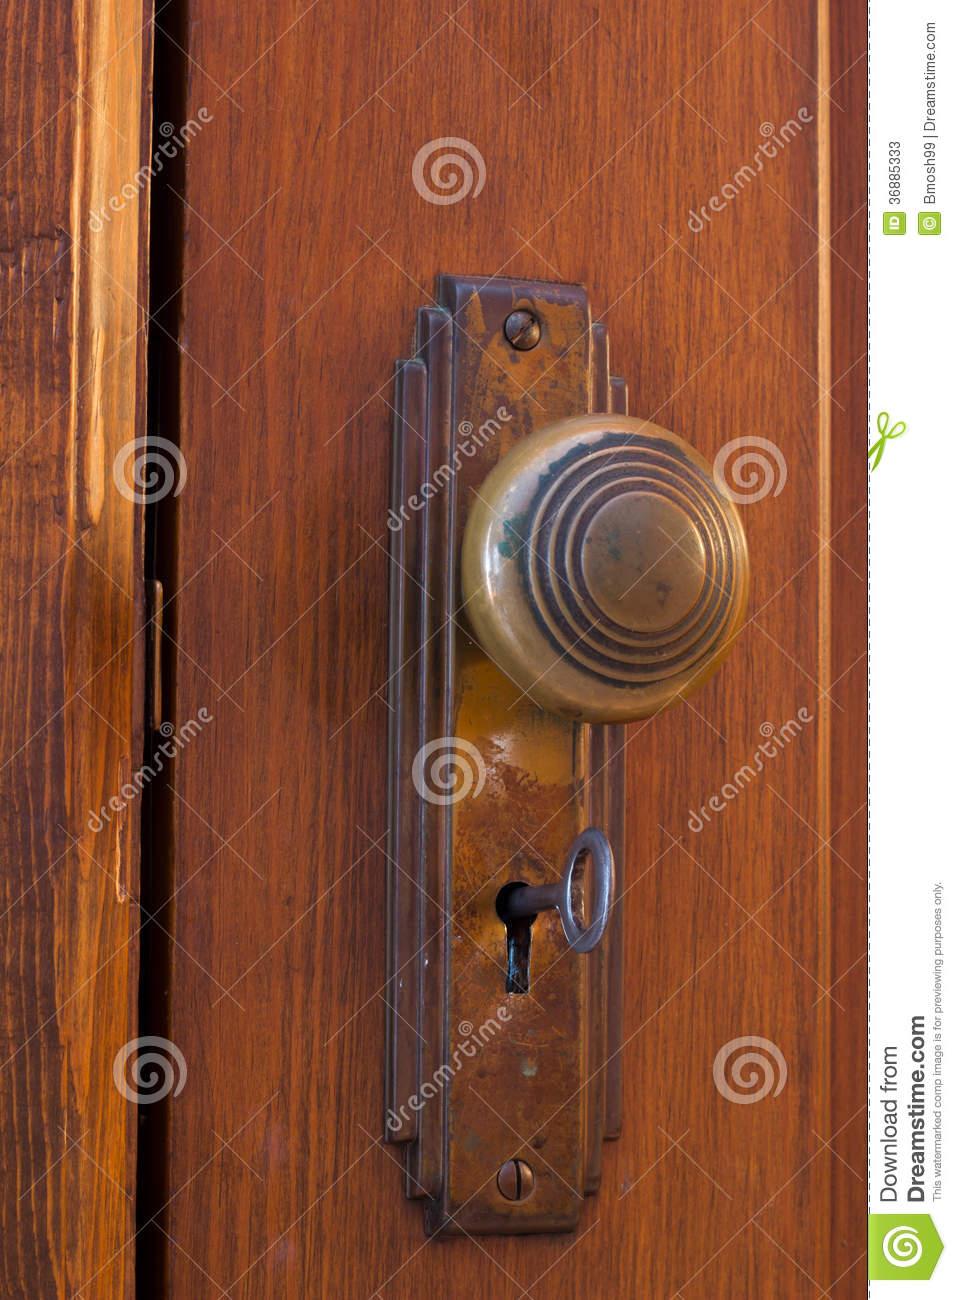 inside a door knob photo - 19